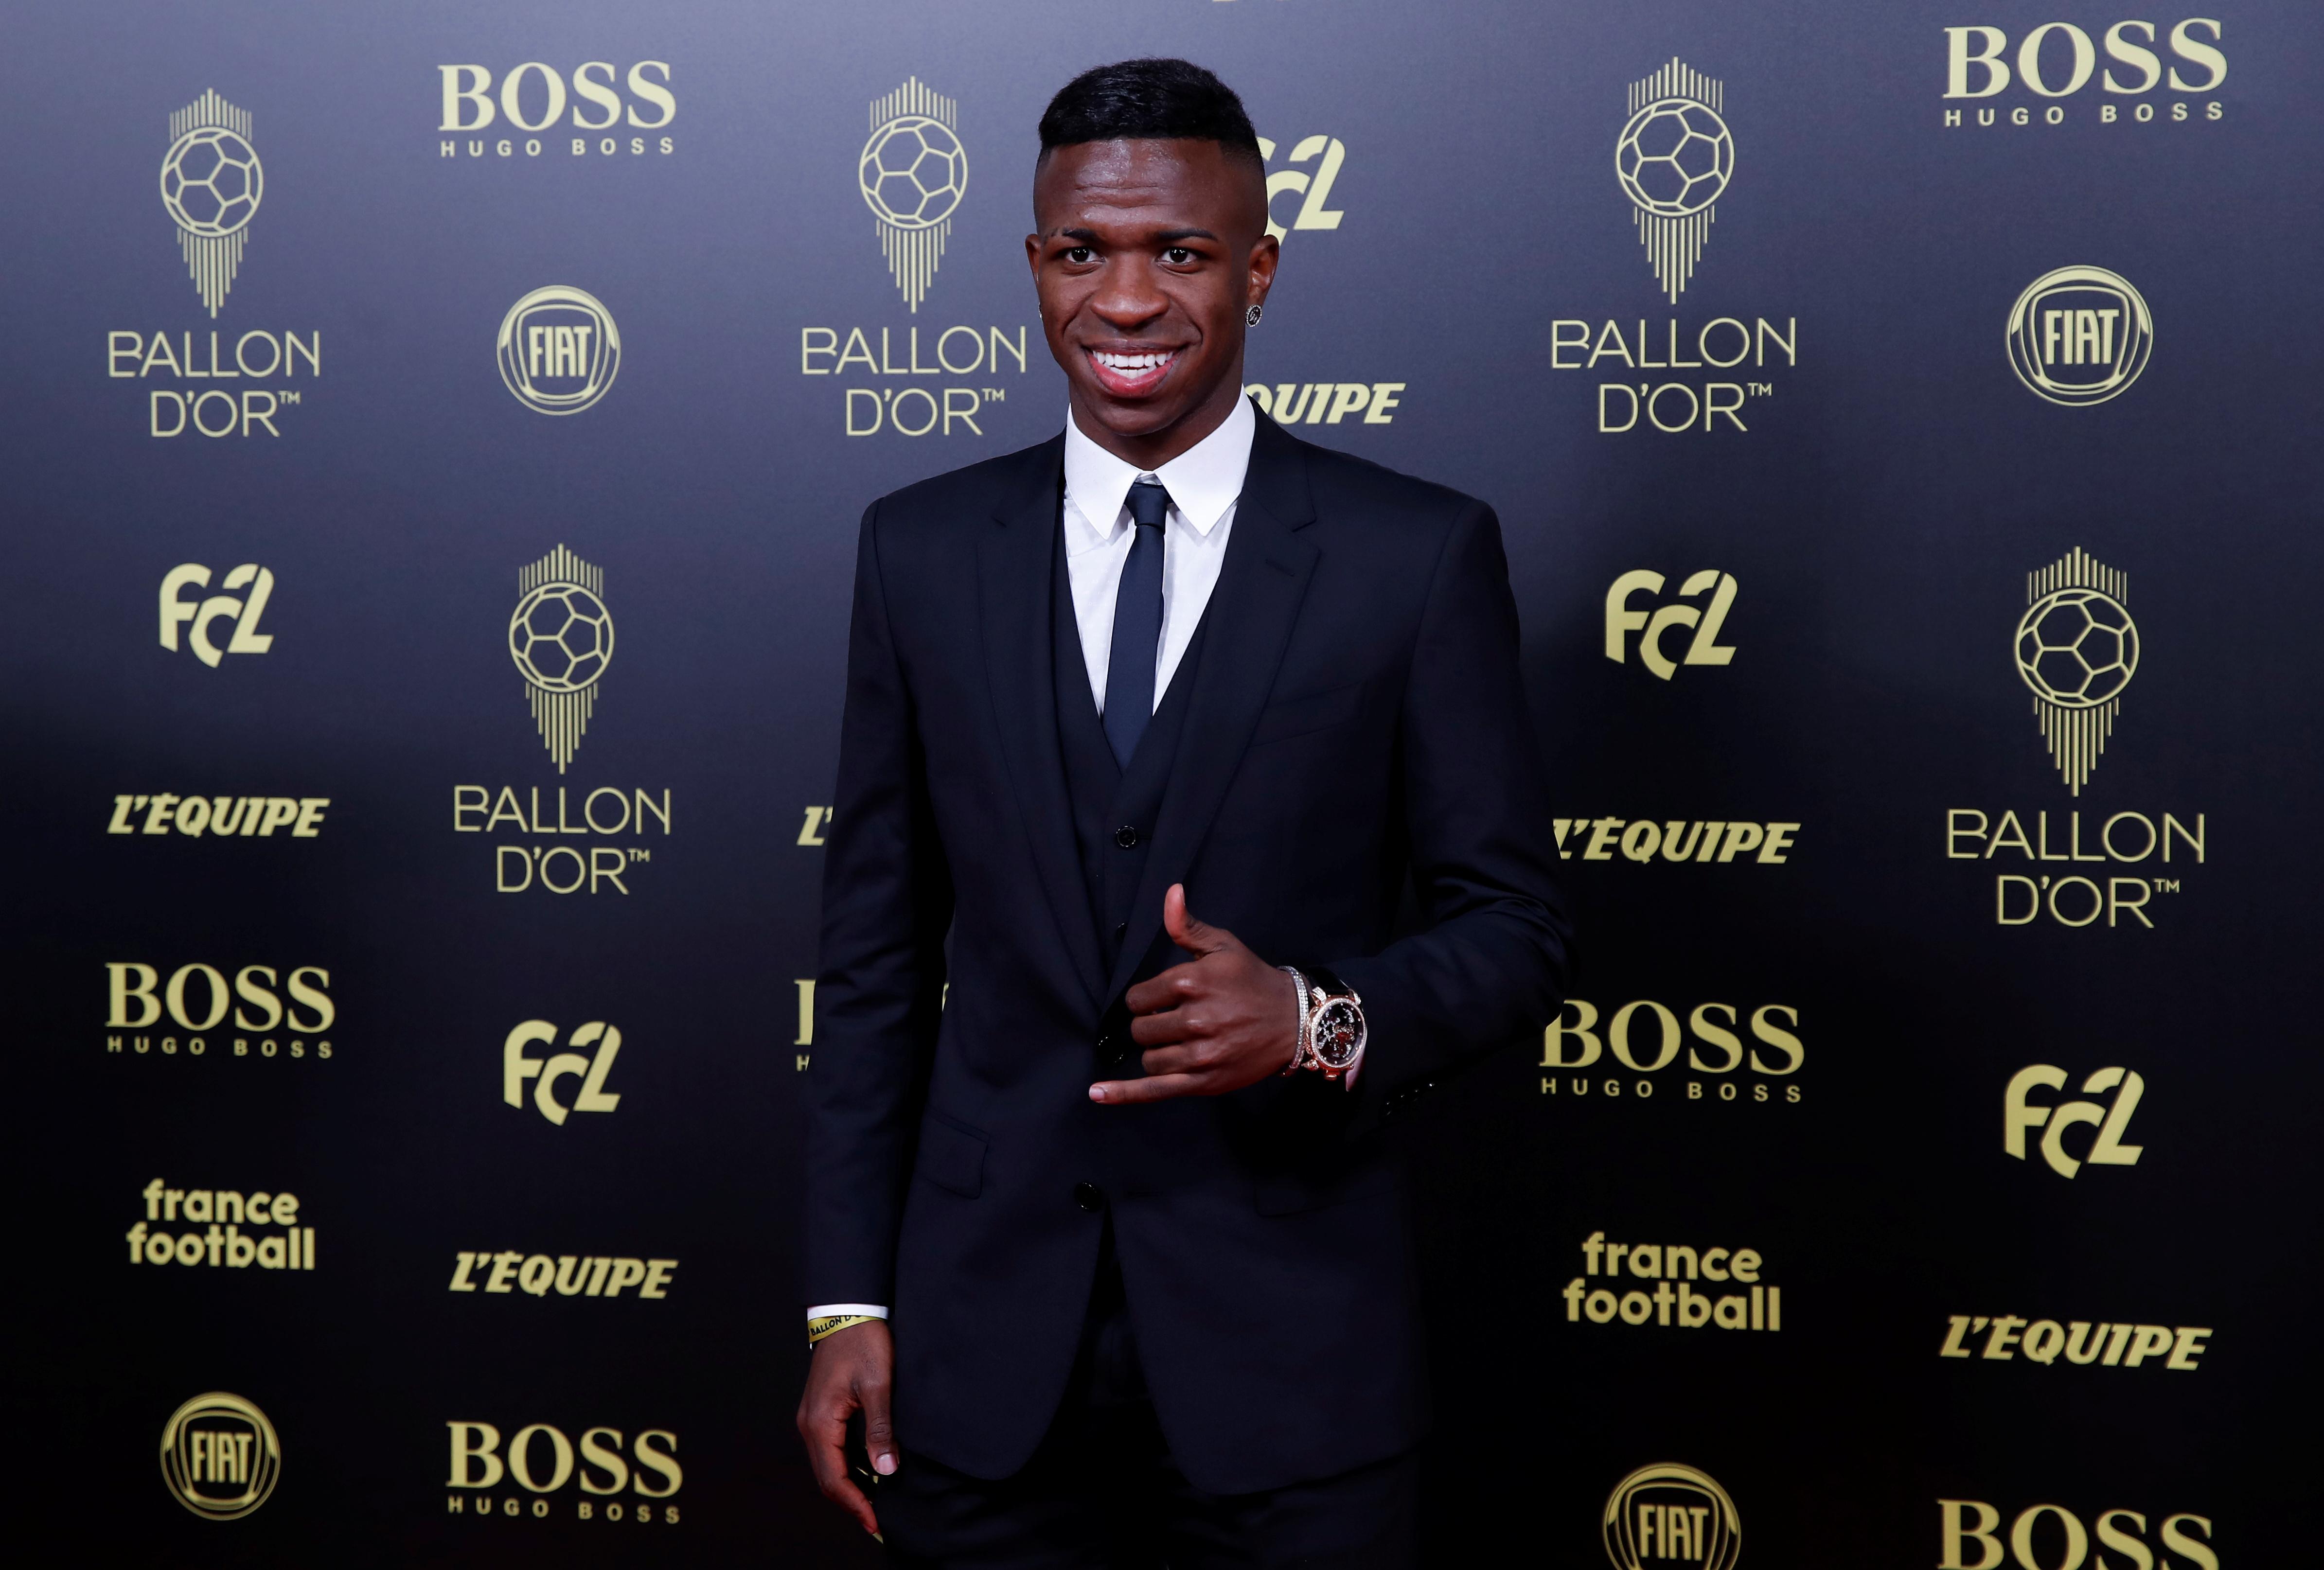 El brasileño Vinicius Junior fue nominado a la mejor promesa de 2019